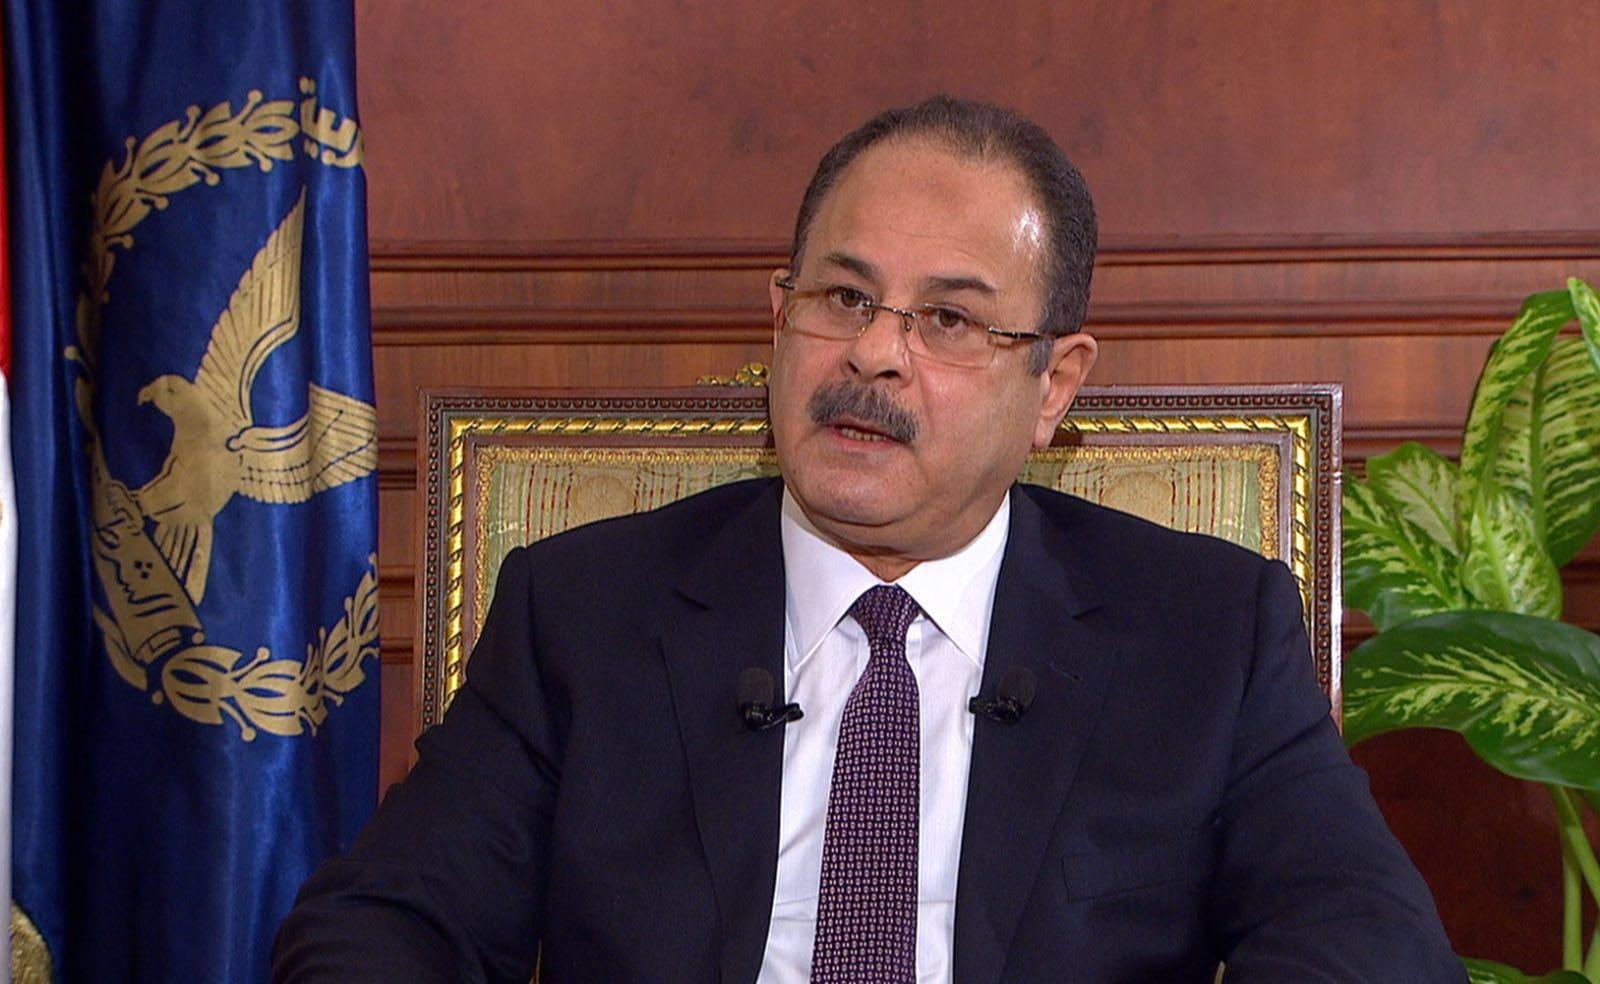 وزير الداخلية يكرم المجند الذي أحبط محاولة اقتحام كمين العريش بسيارة مفخخة